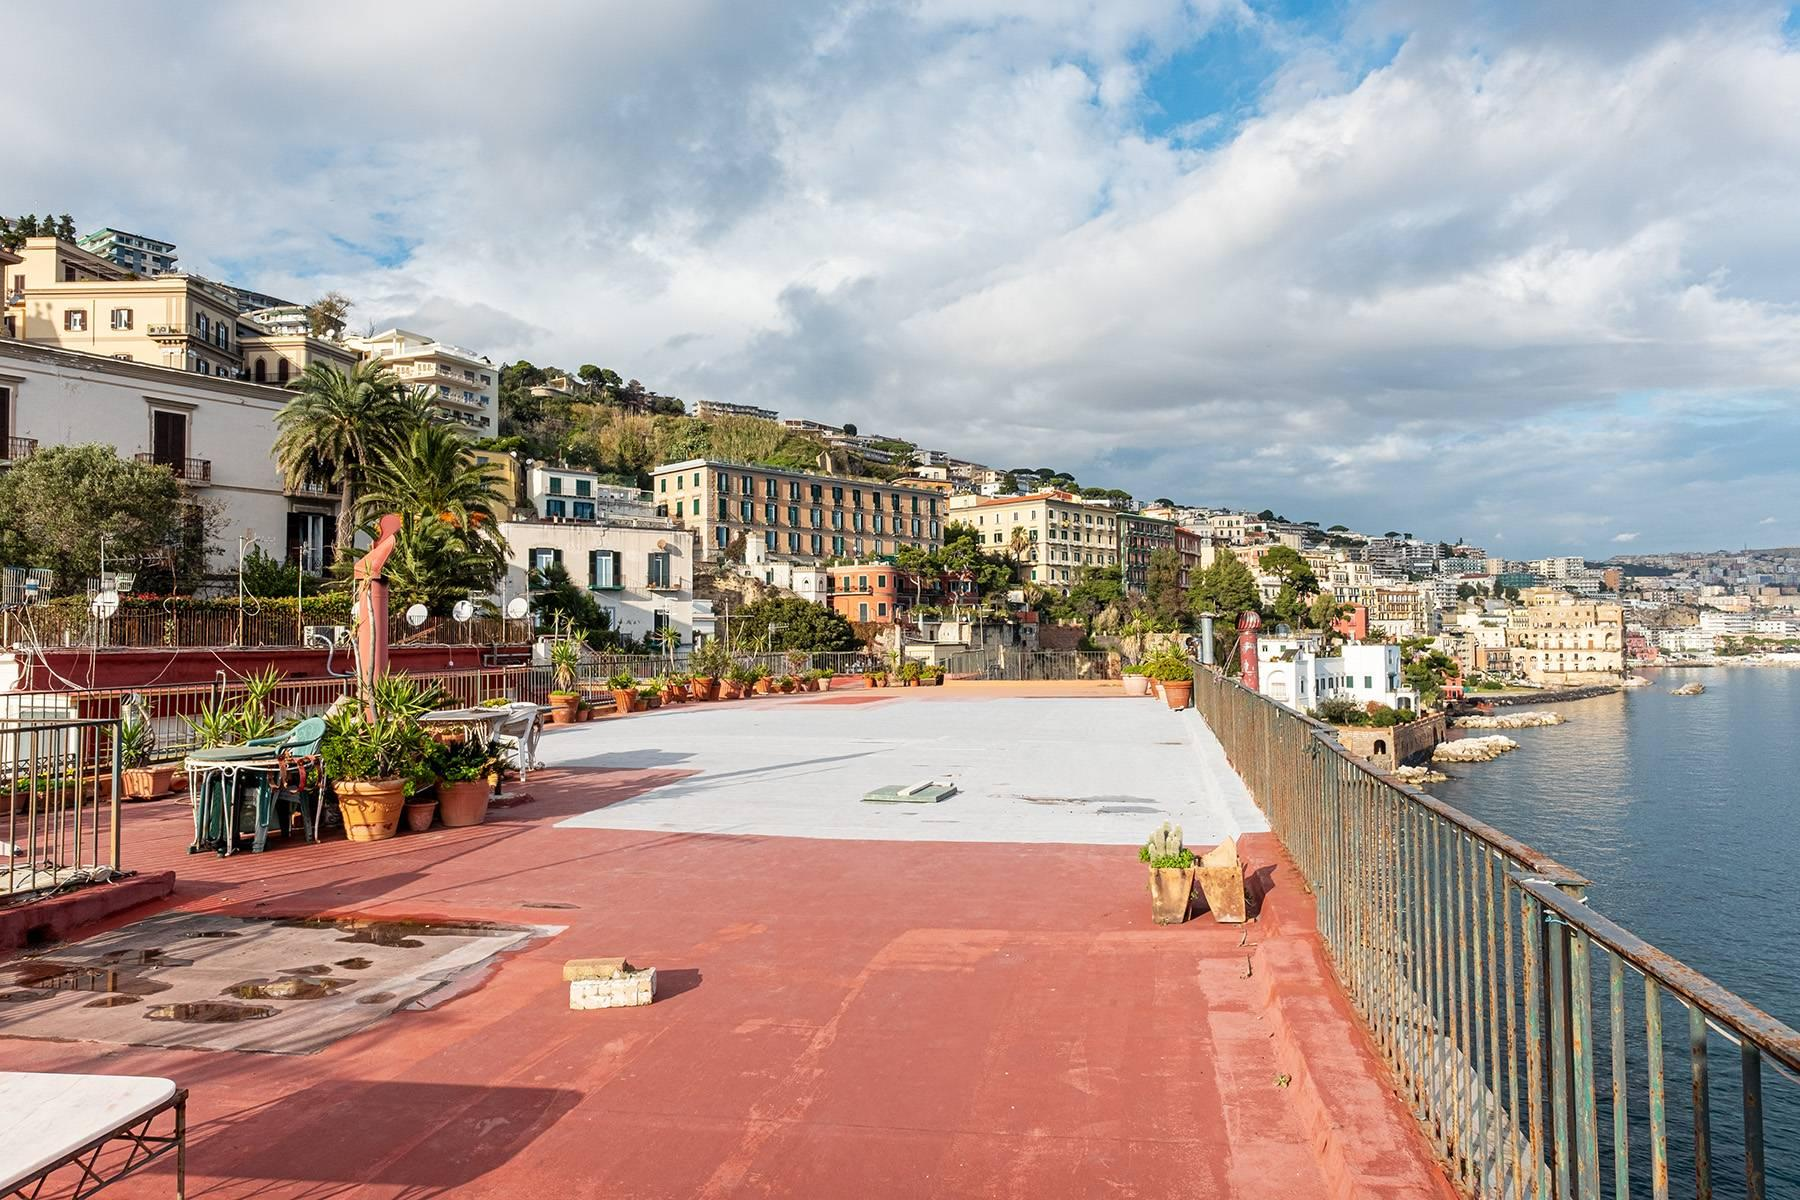 Первая линия моря! Потрясающие апартаменты в старинной вилле в Неаполе, Италия - 28